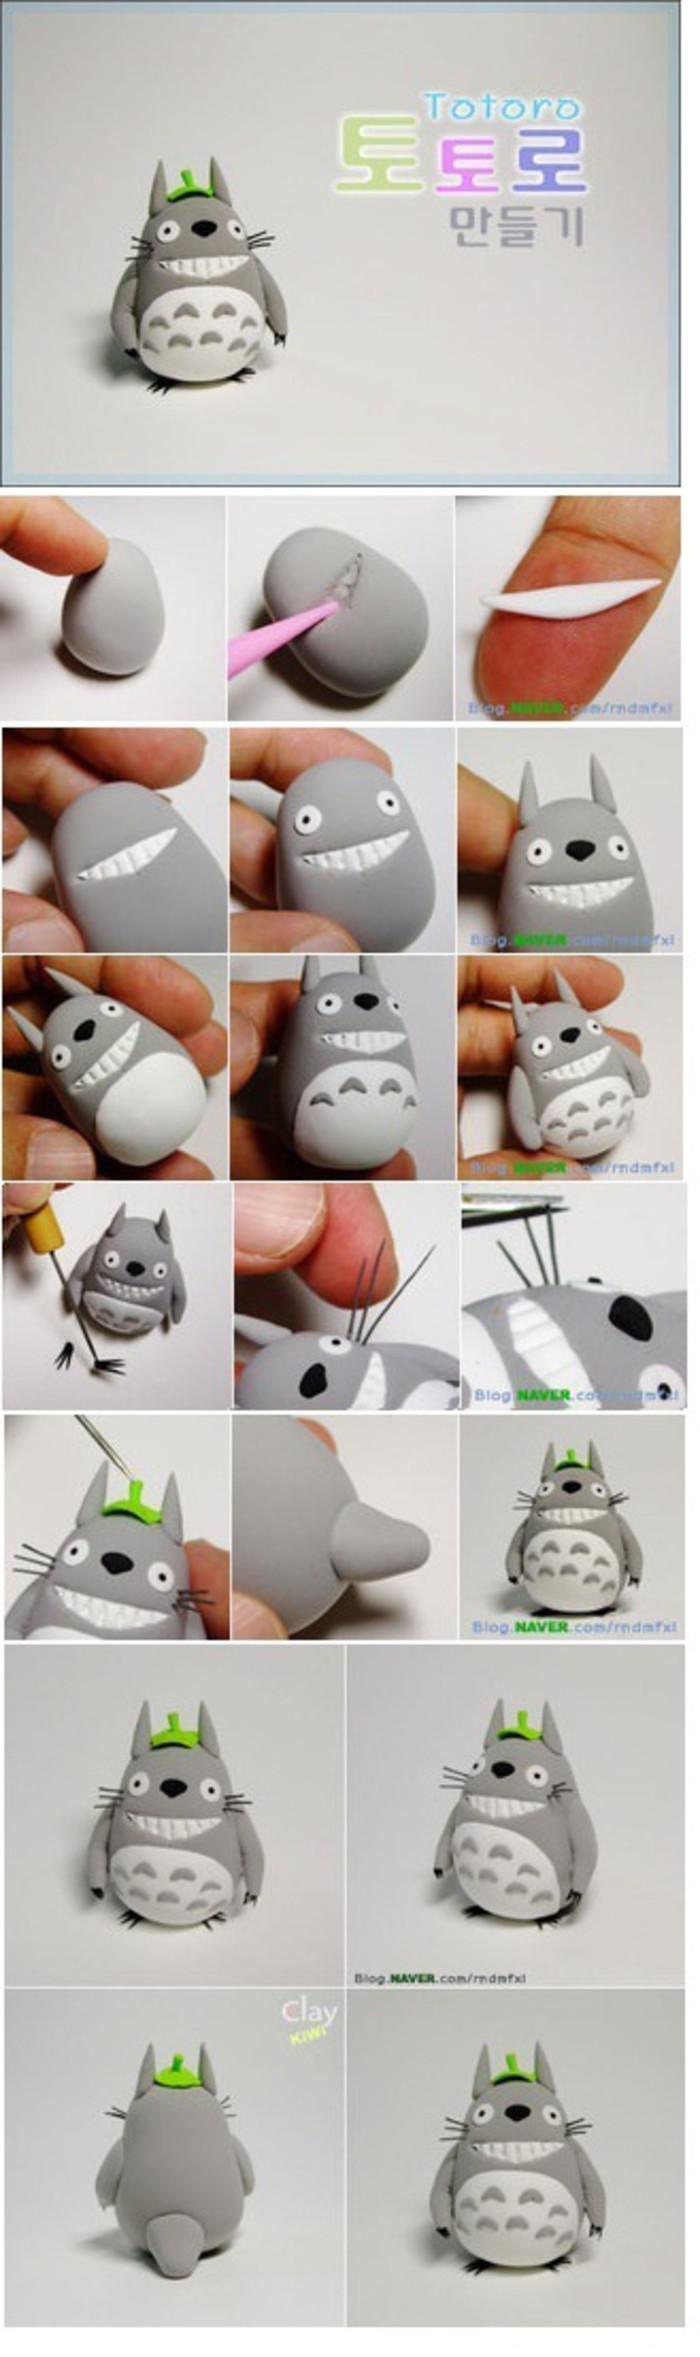 Totoro DIY clay project